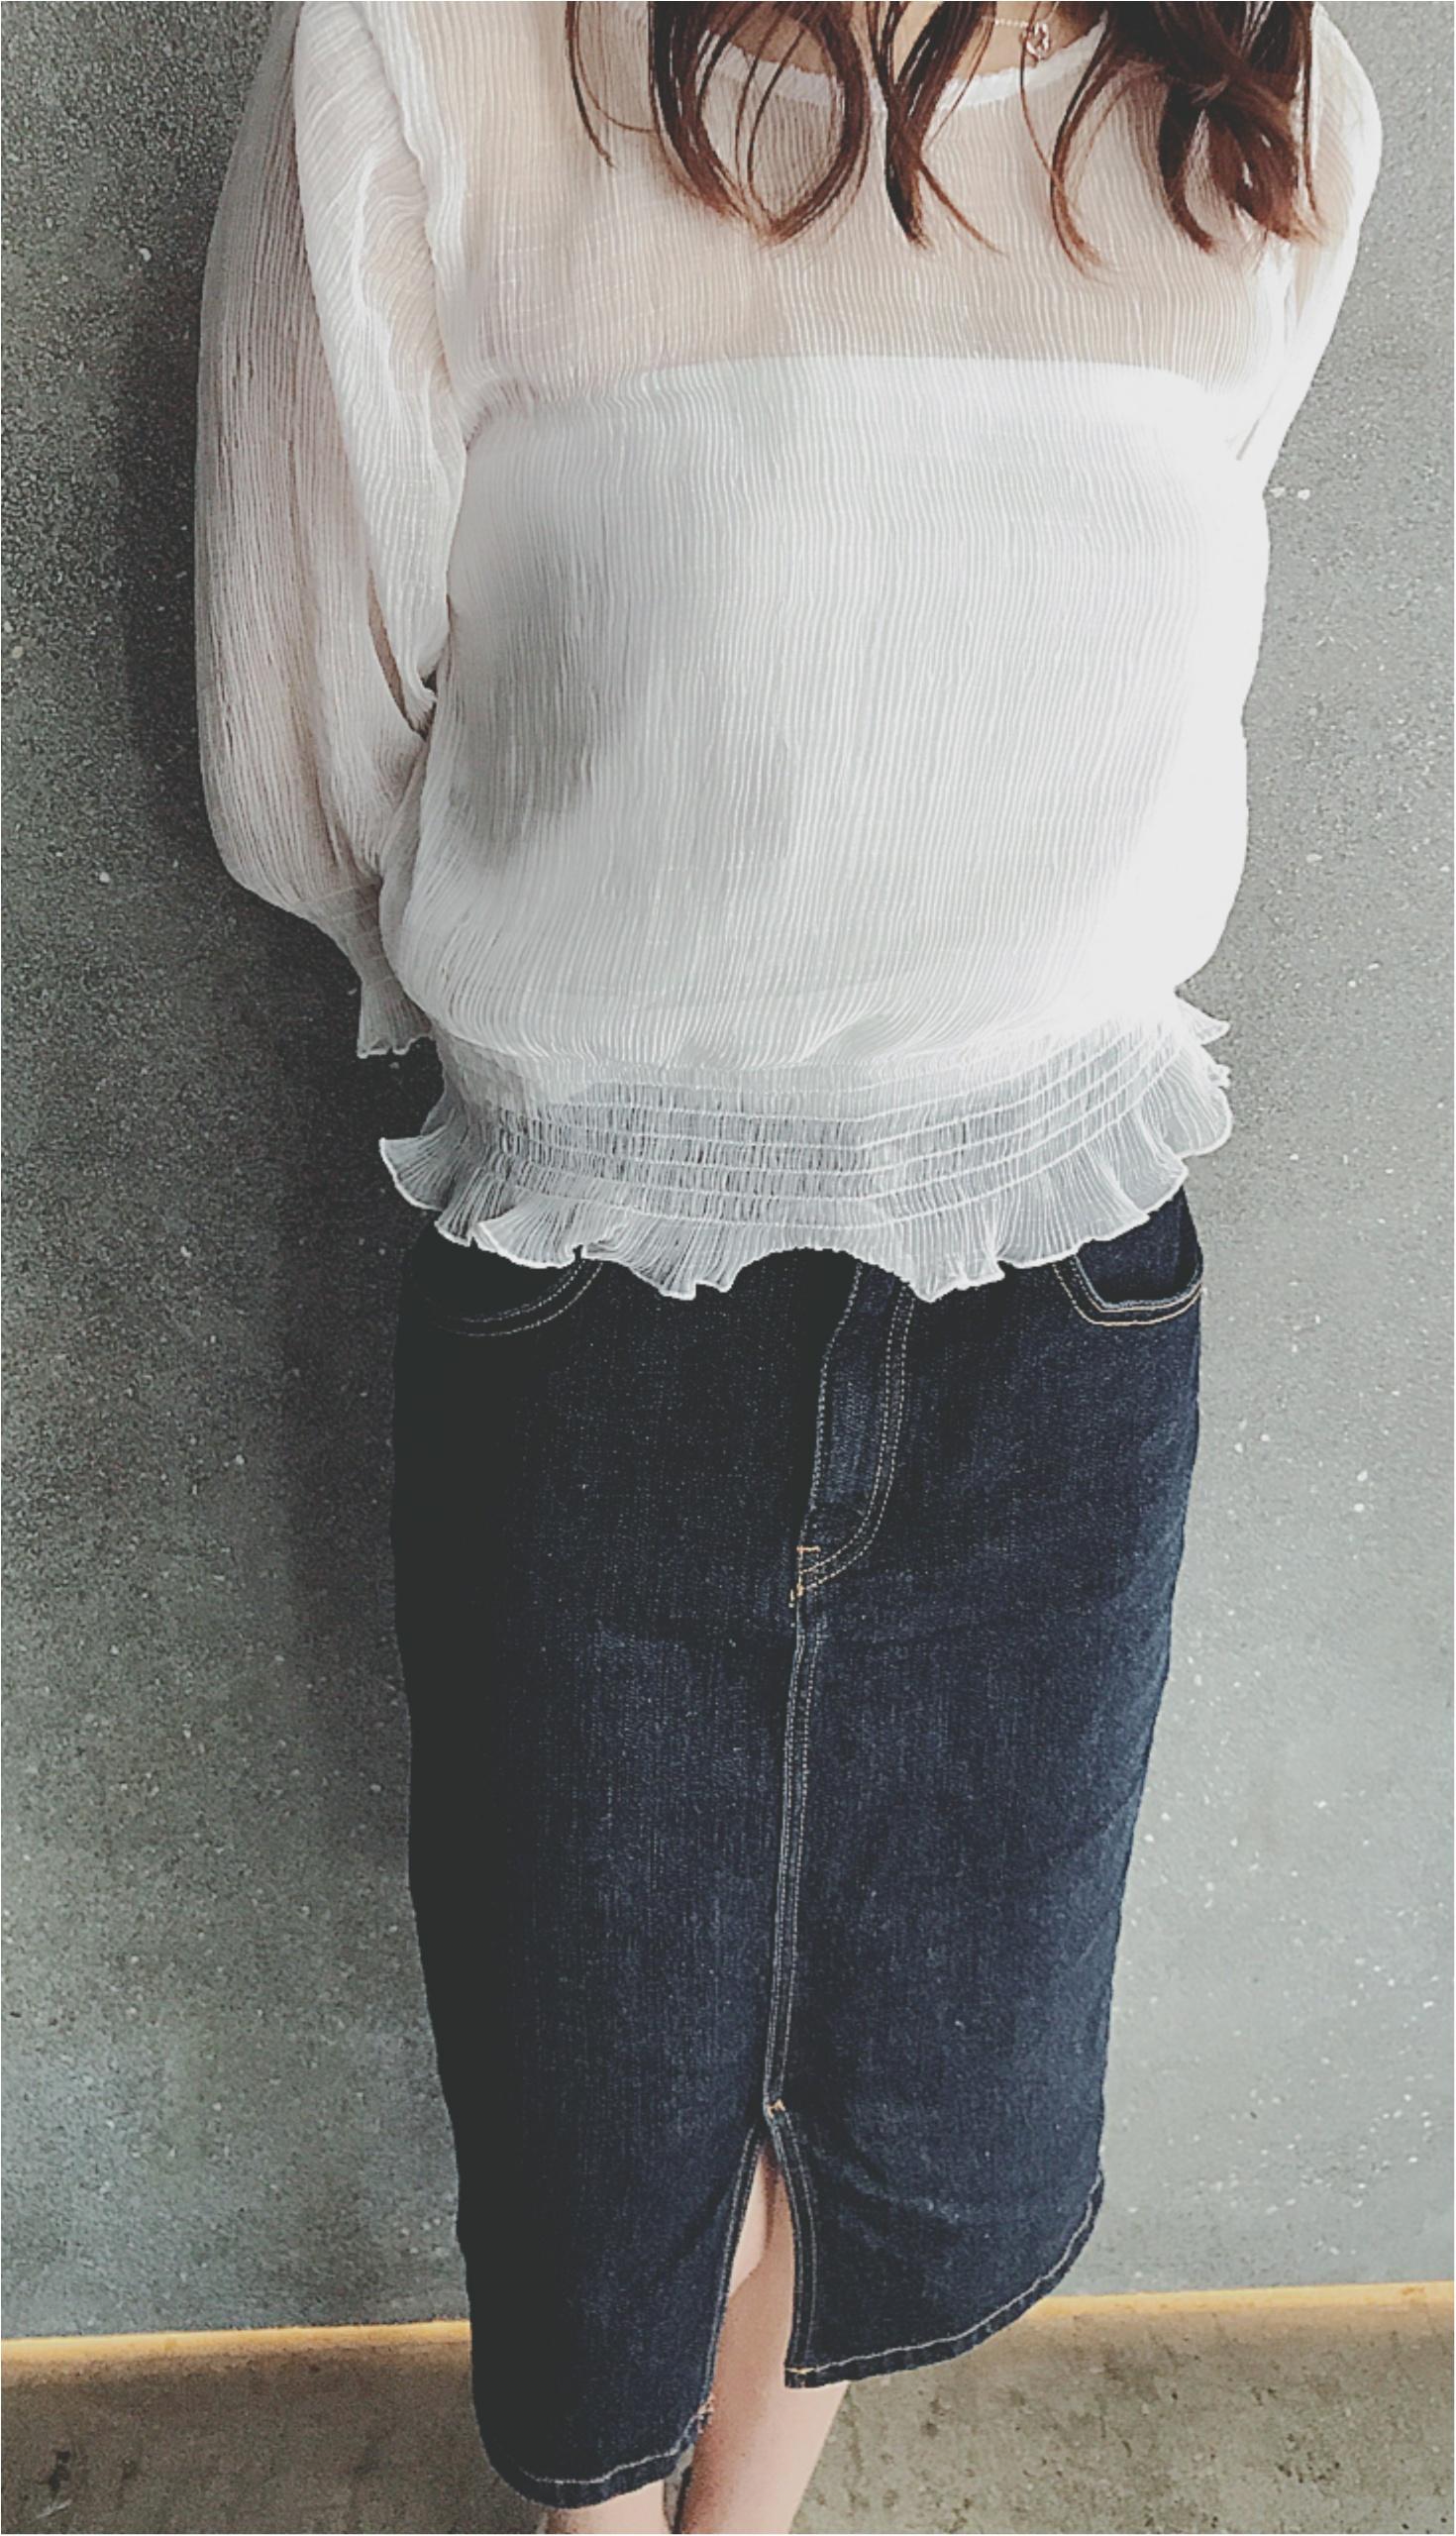 ★夏はモチロン!春から秋まで、長ーく使える『デニムスカート』私のお気に入りポイントはココ★_2